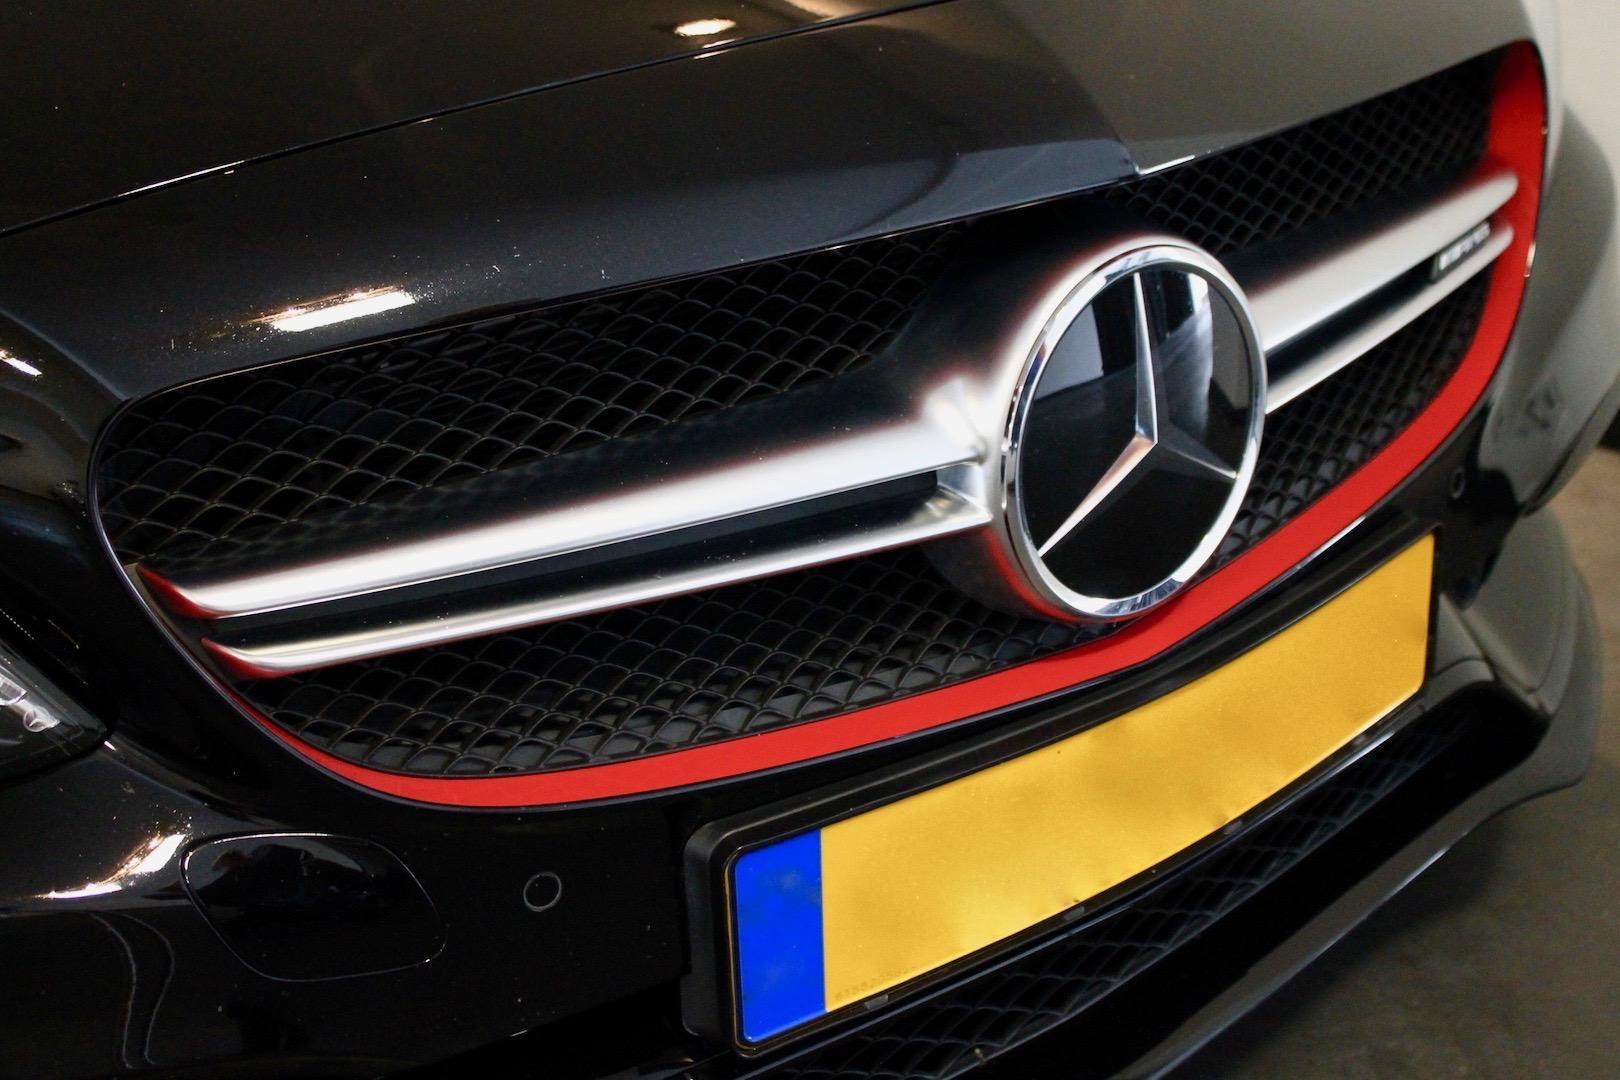 De eerste auto van Max Verstappen mercedes-amg c 63 s first edition